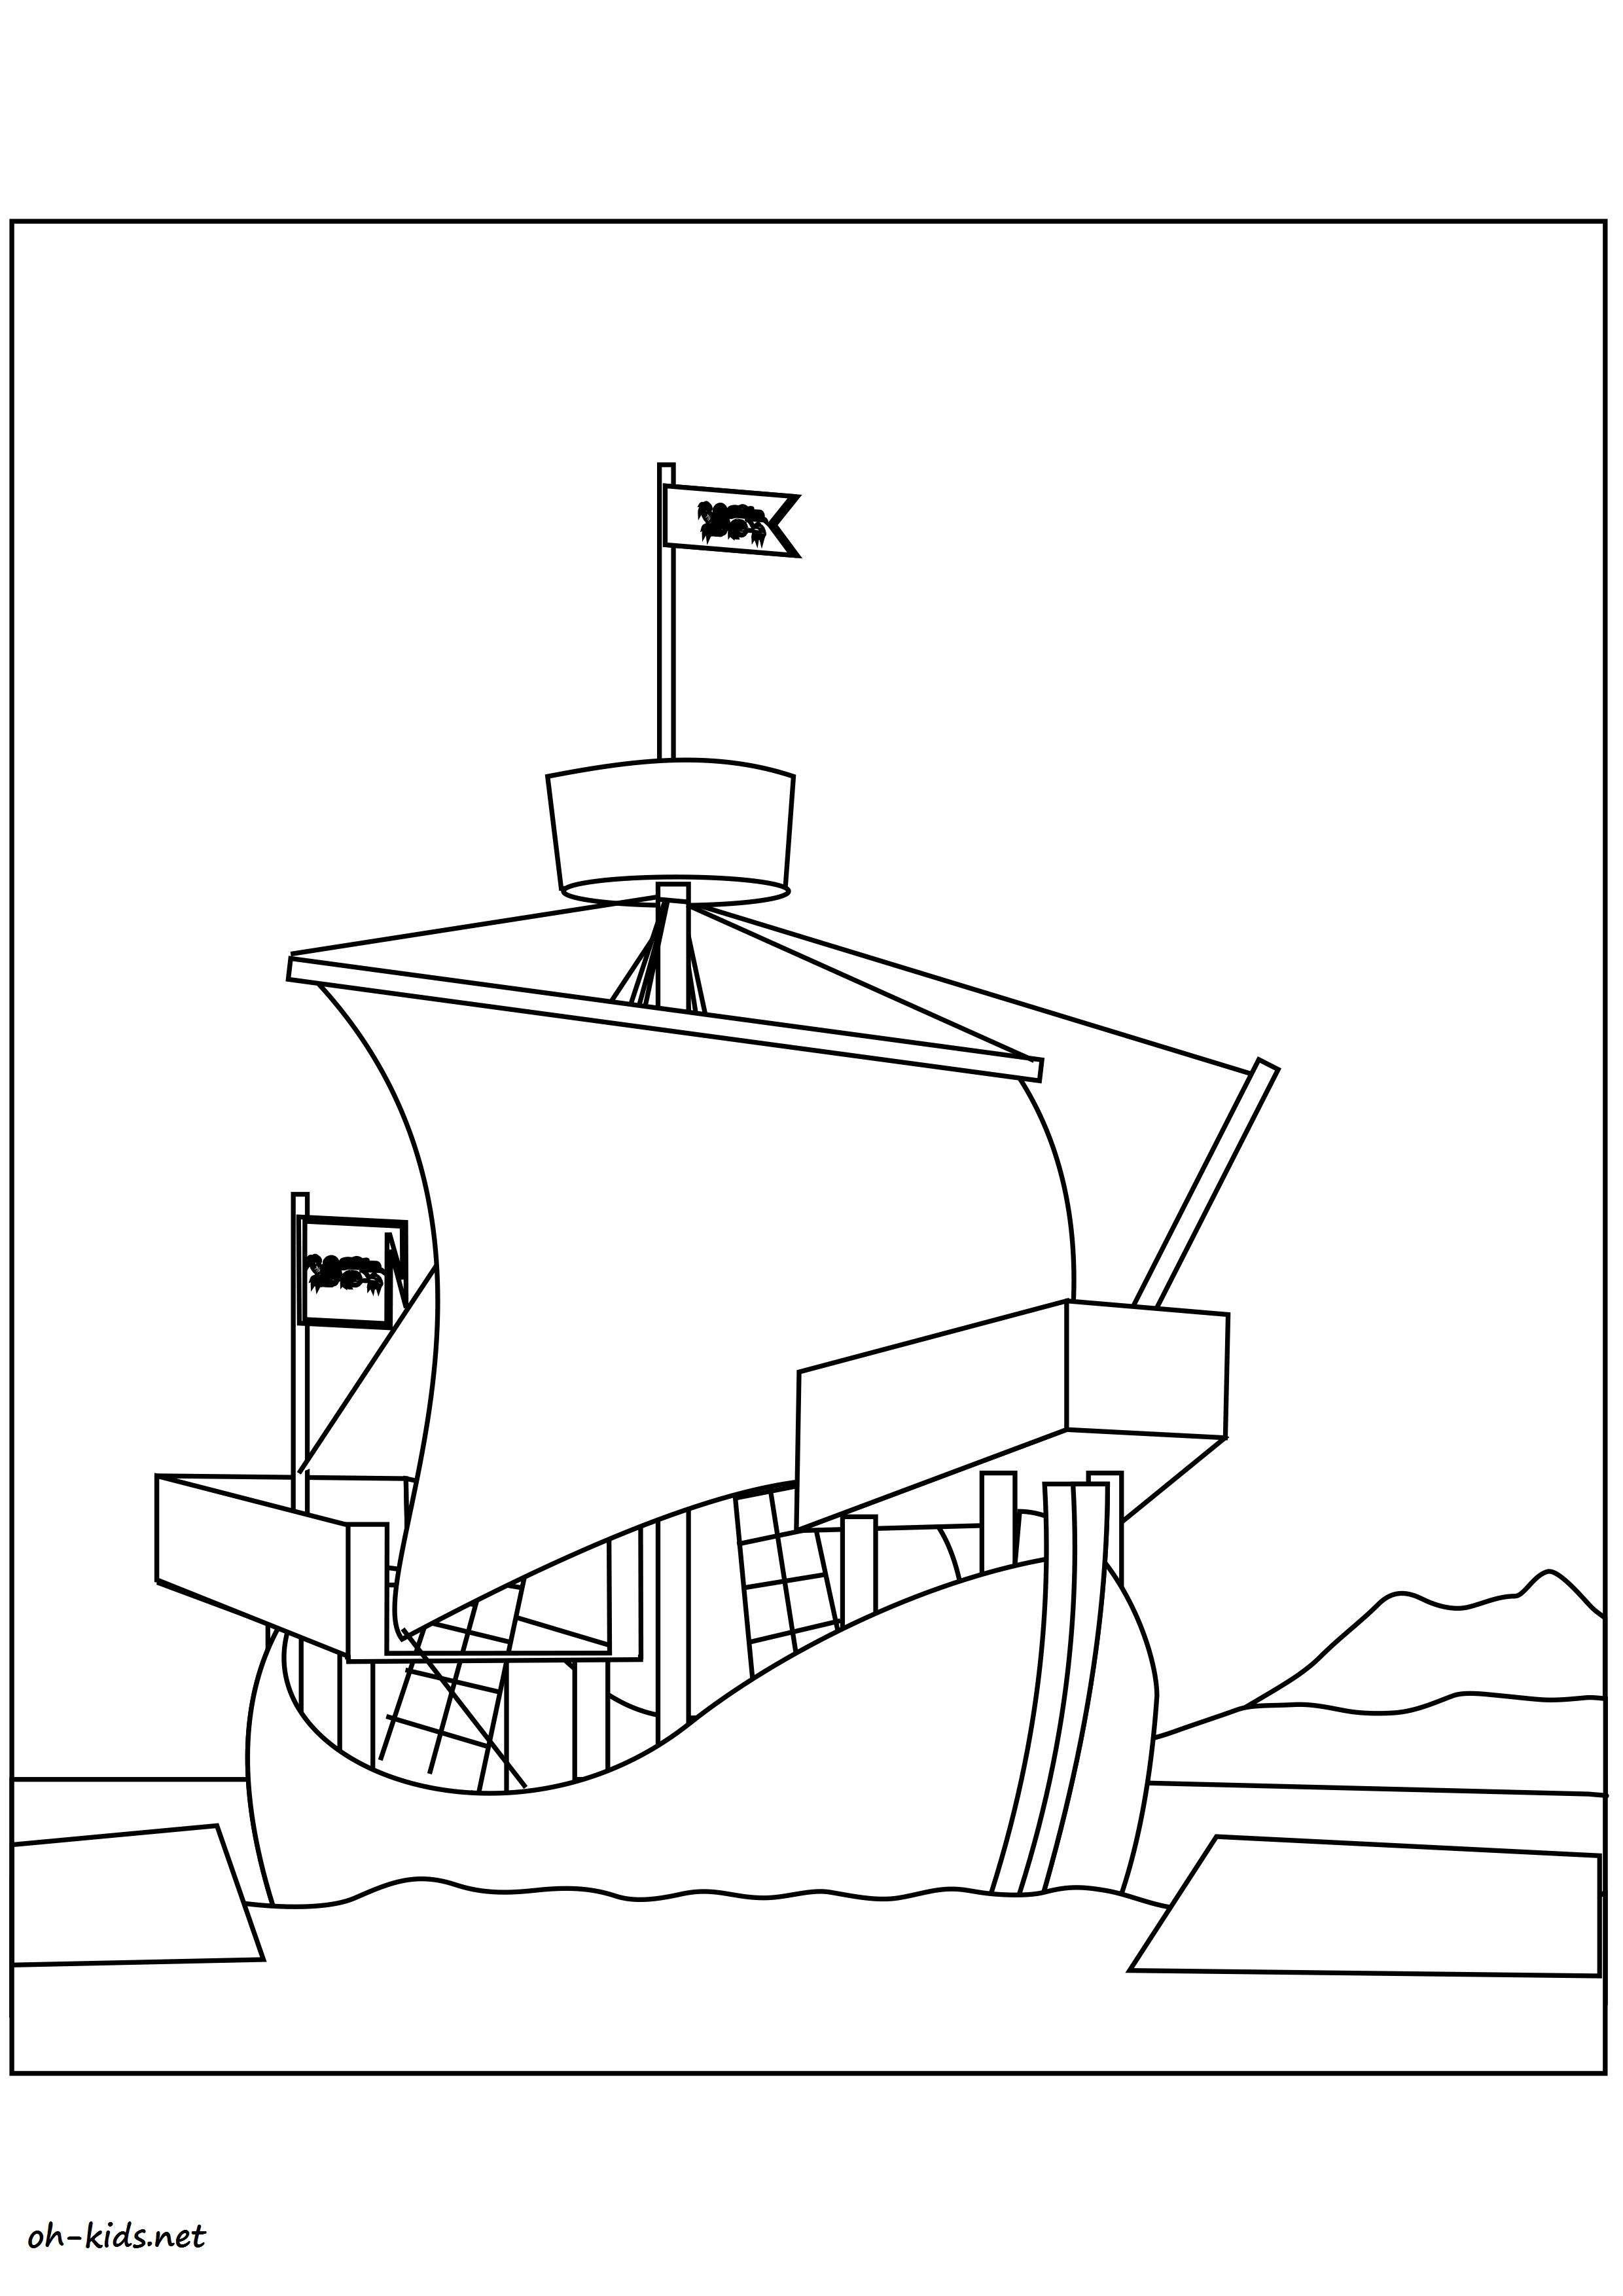 une belle image de bateau de guerre à imprimer - Dessin #1449